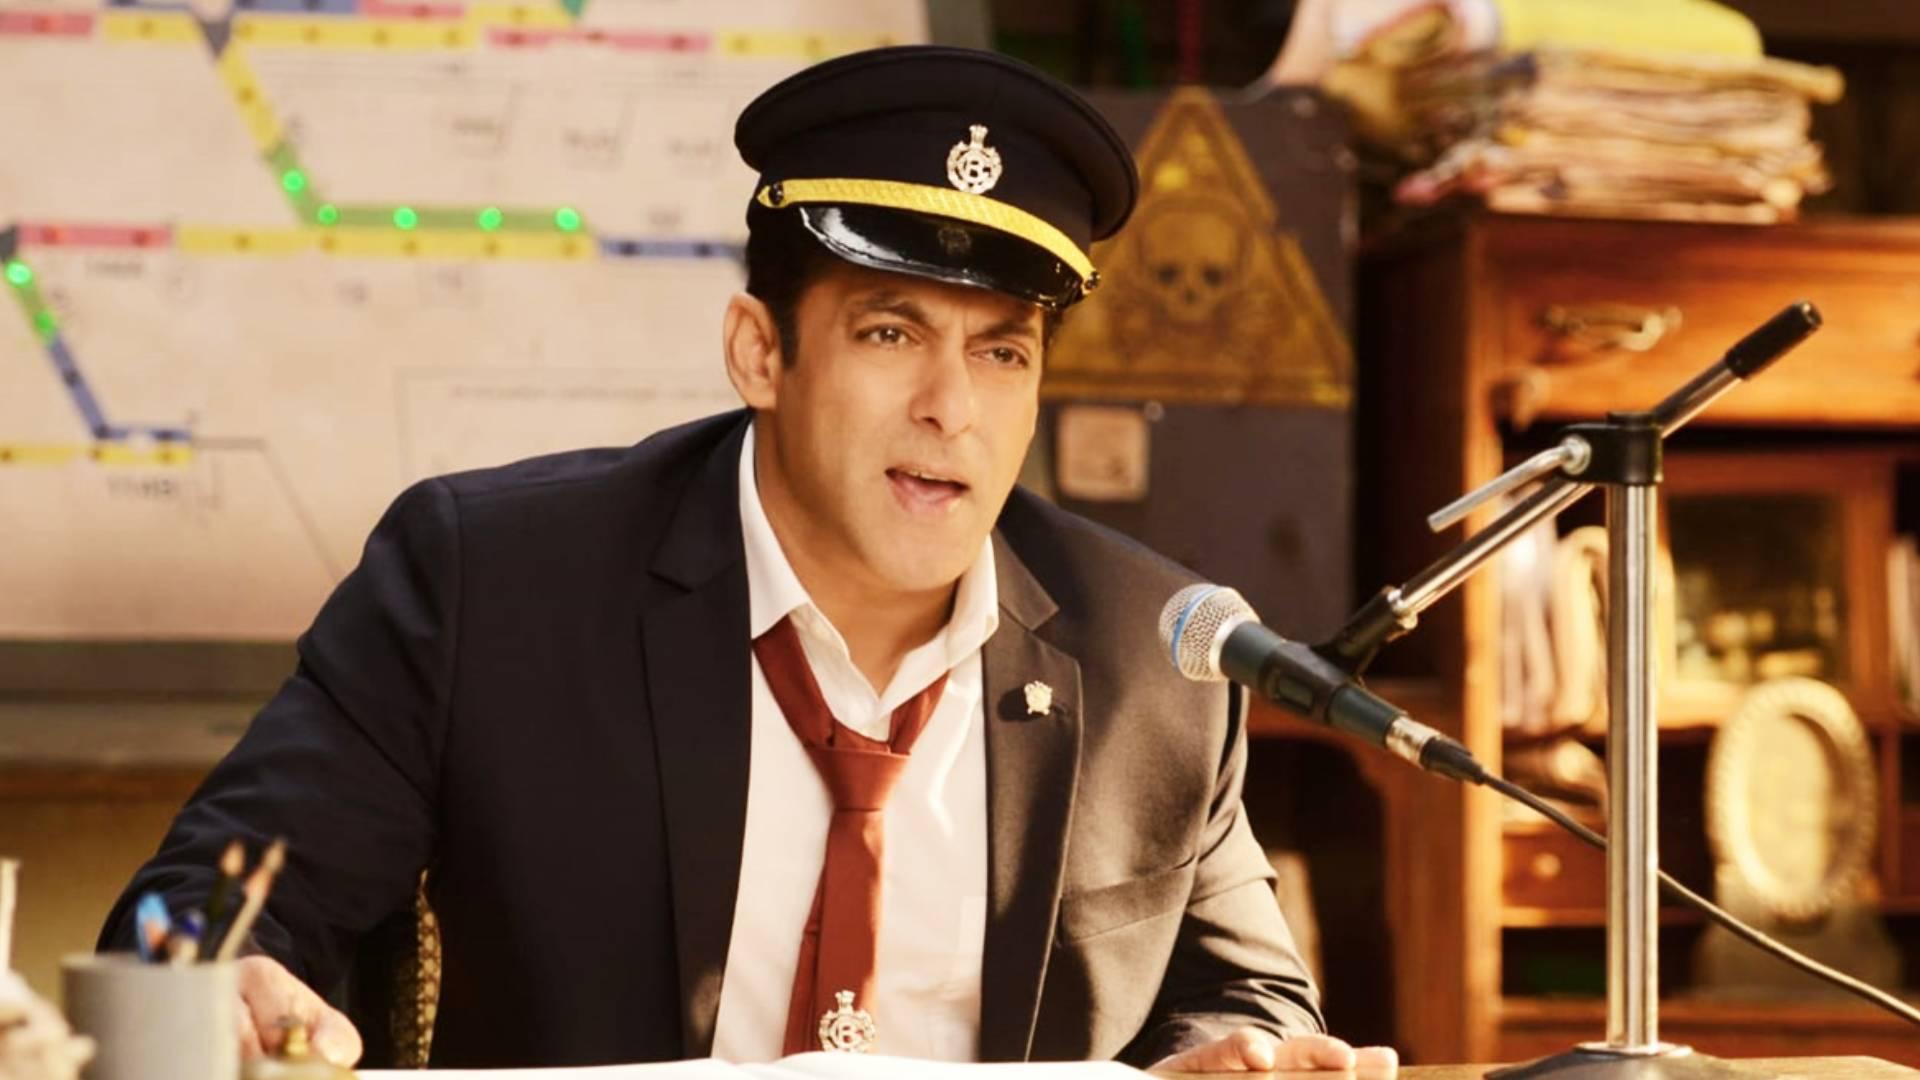 Bigg Boss 13: आज होगा सलमान खान के शो का ग्रैंड प्रीमियर, यहां जानिए आप कब-कैसे और कहां देख सकते हैं ये एपिसोड